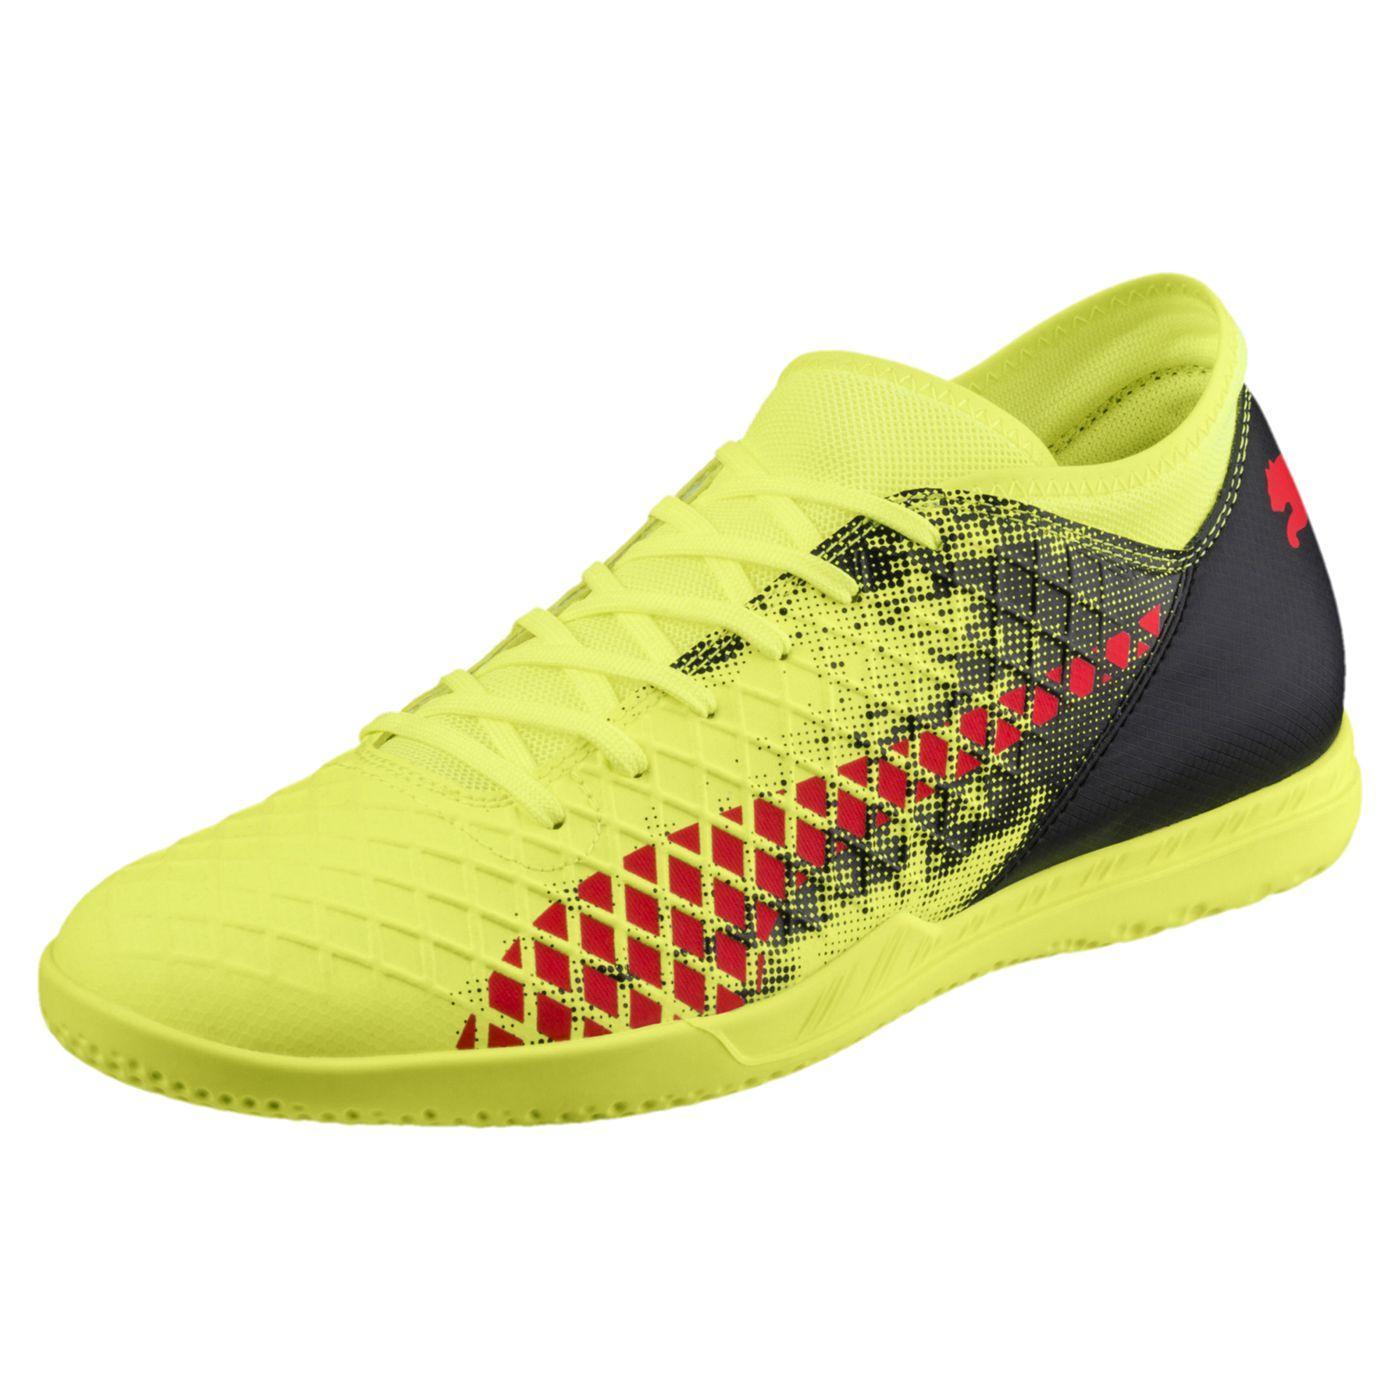 Puma FUTURE 18.4 IT Sepatu Futsal Pria